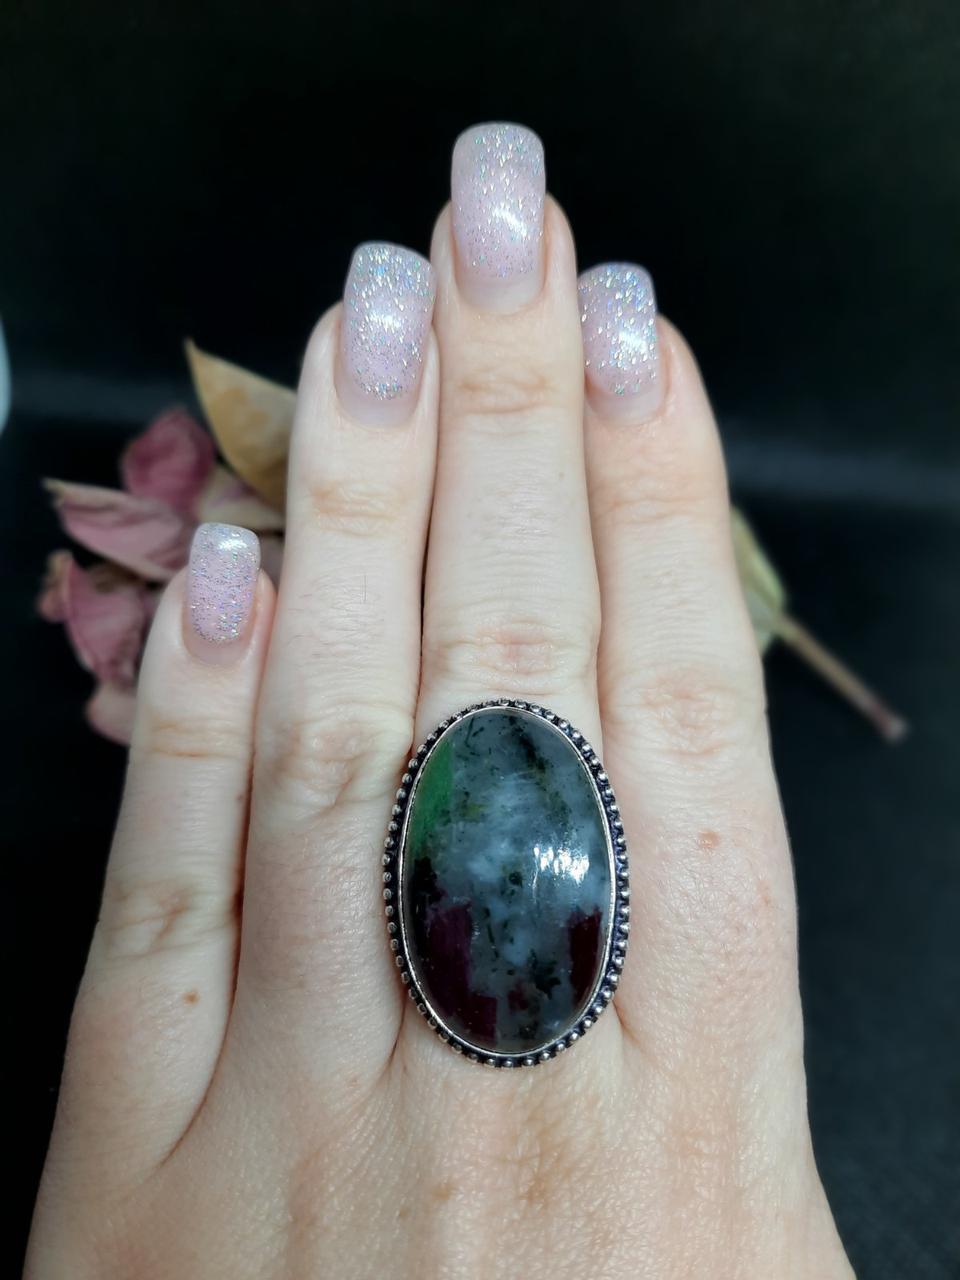 Рубин в породе цоизит кольцо овал с рубином 20 размер природный рубин в серебре Индия